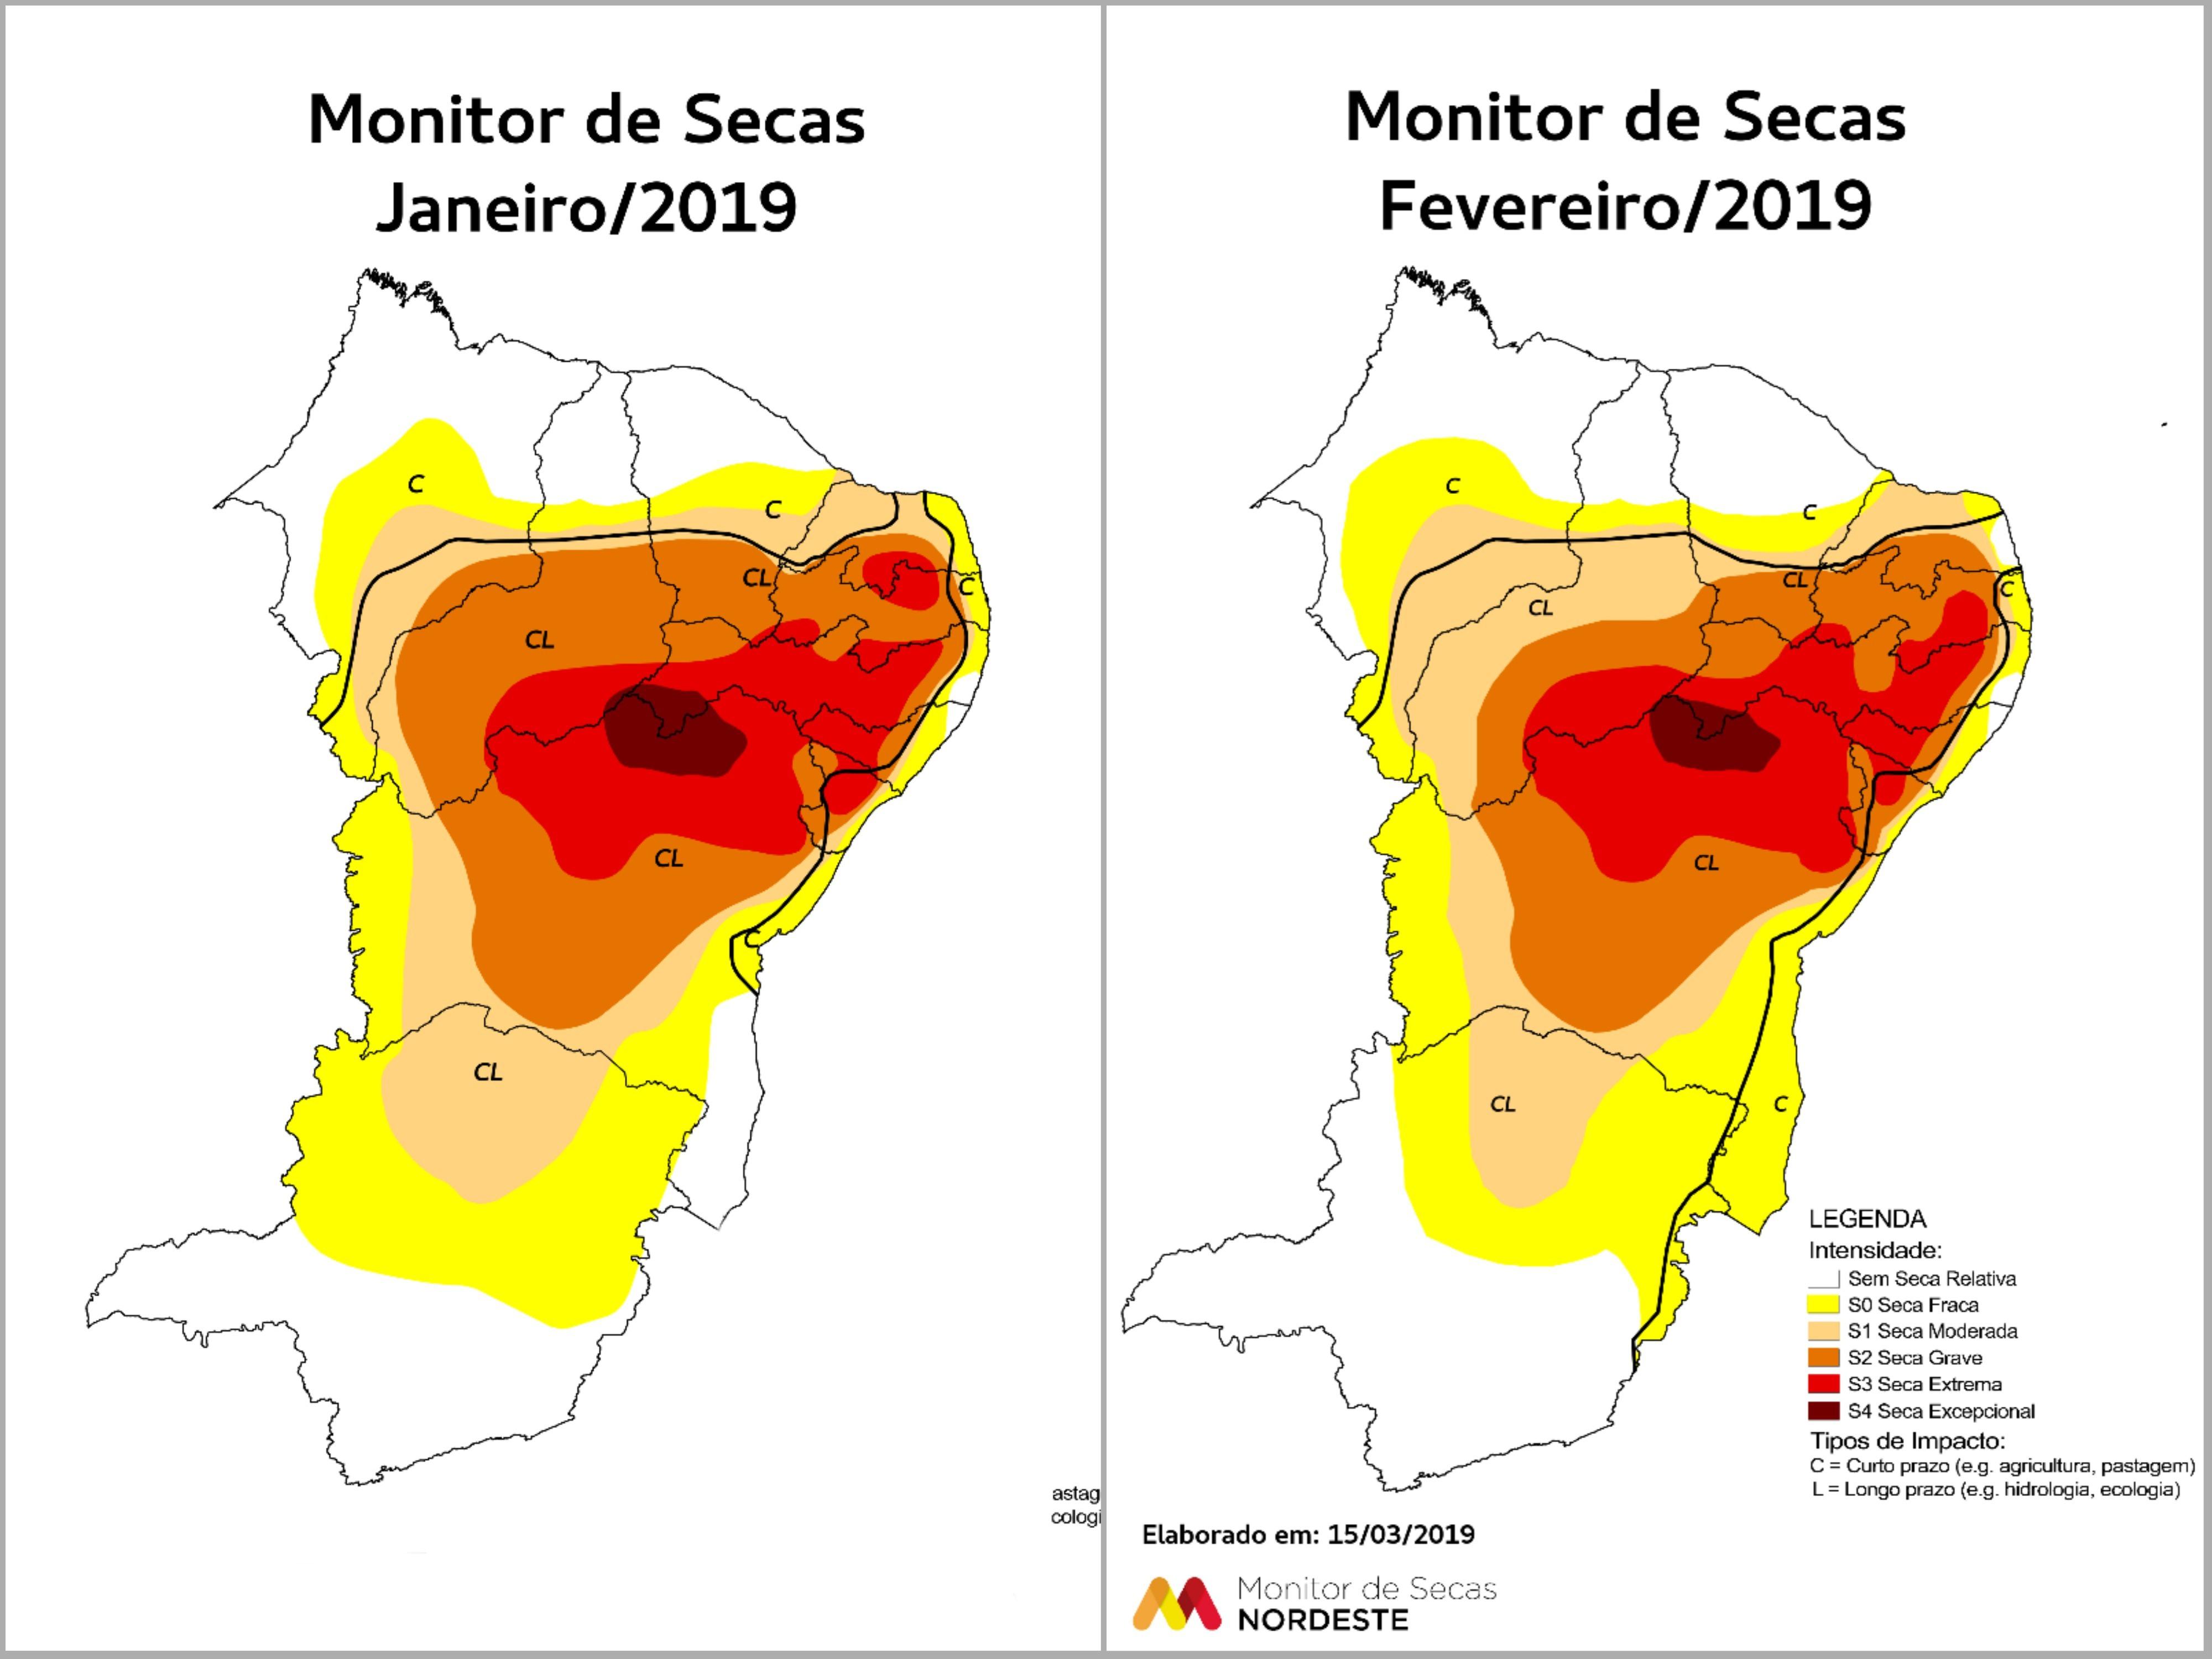 Mapas comparativos de janeiro e fevereiro mostram variação dos níveis de seca (FOTO: Monitor de Secas Nordeste)